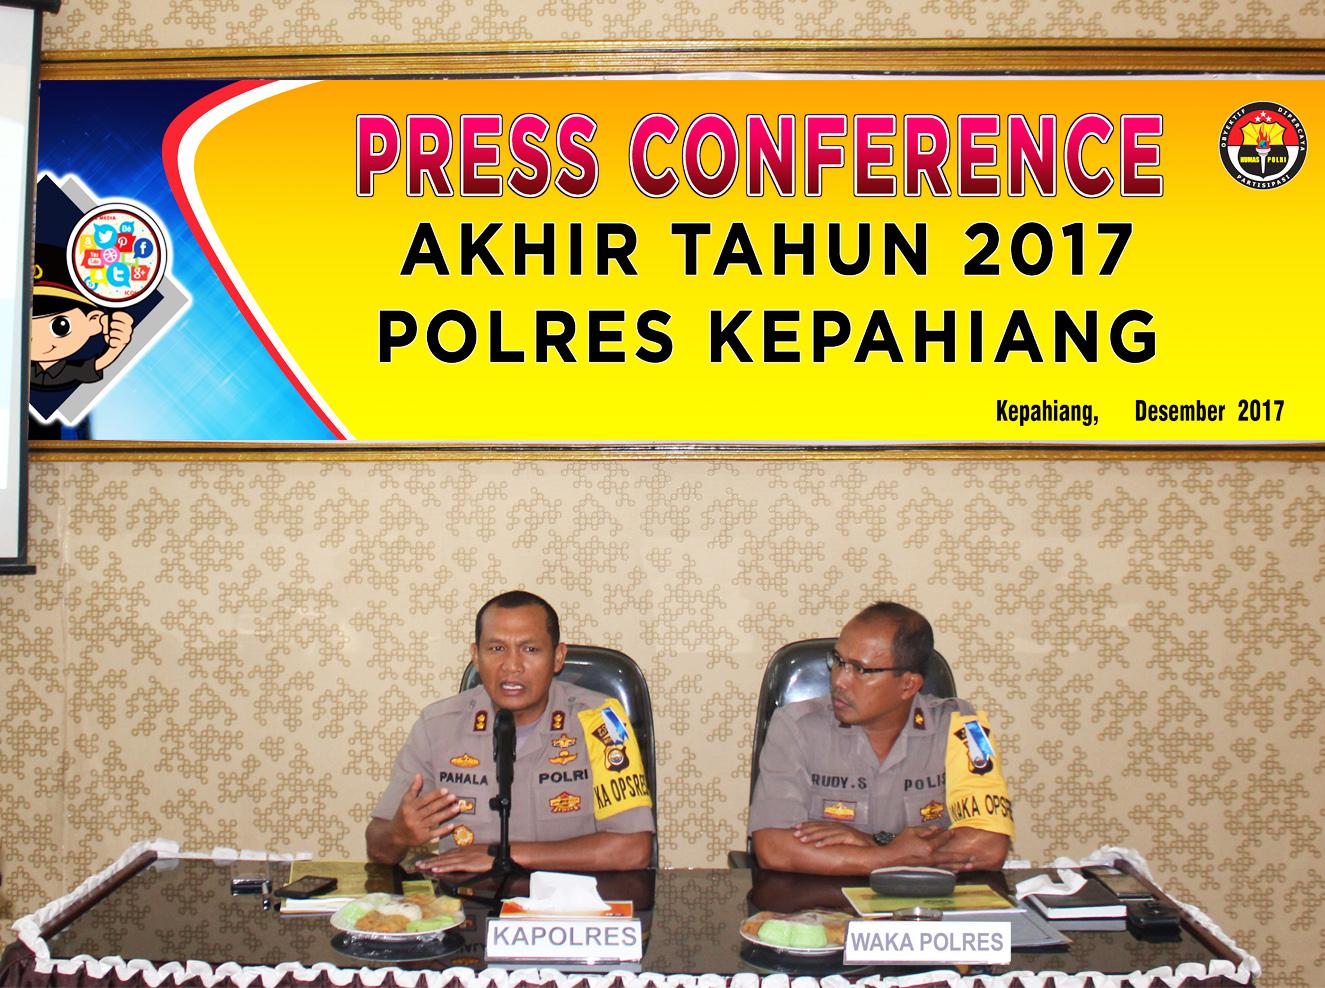 Tahun2017, Polres Kepahiang Berhasil Tingkatkan Penyelesaian Kasus Kriminal